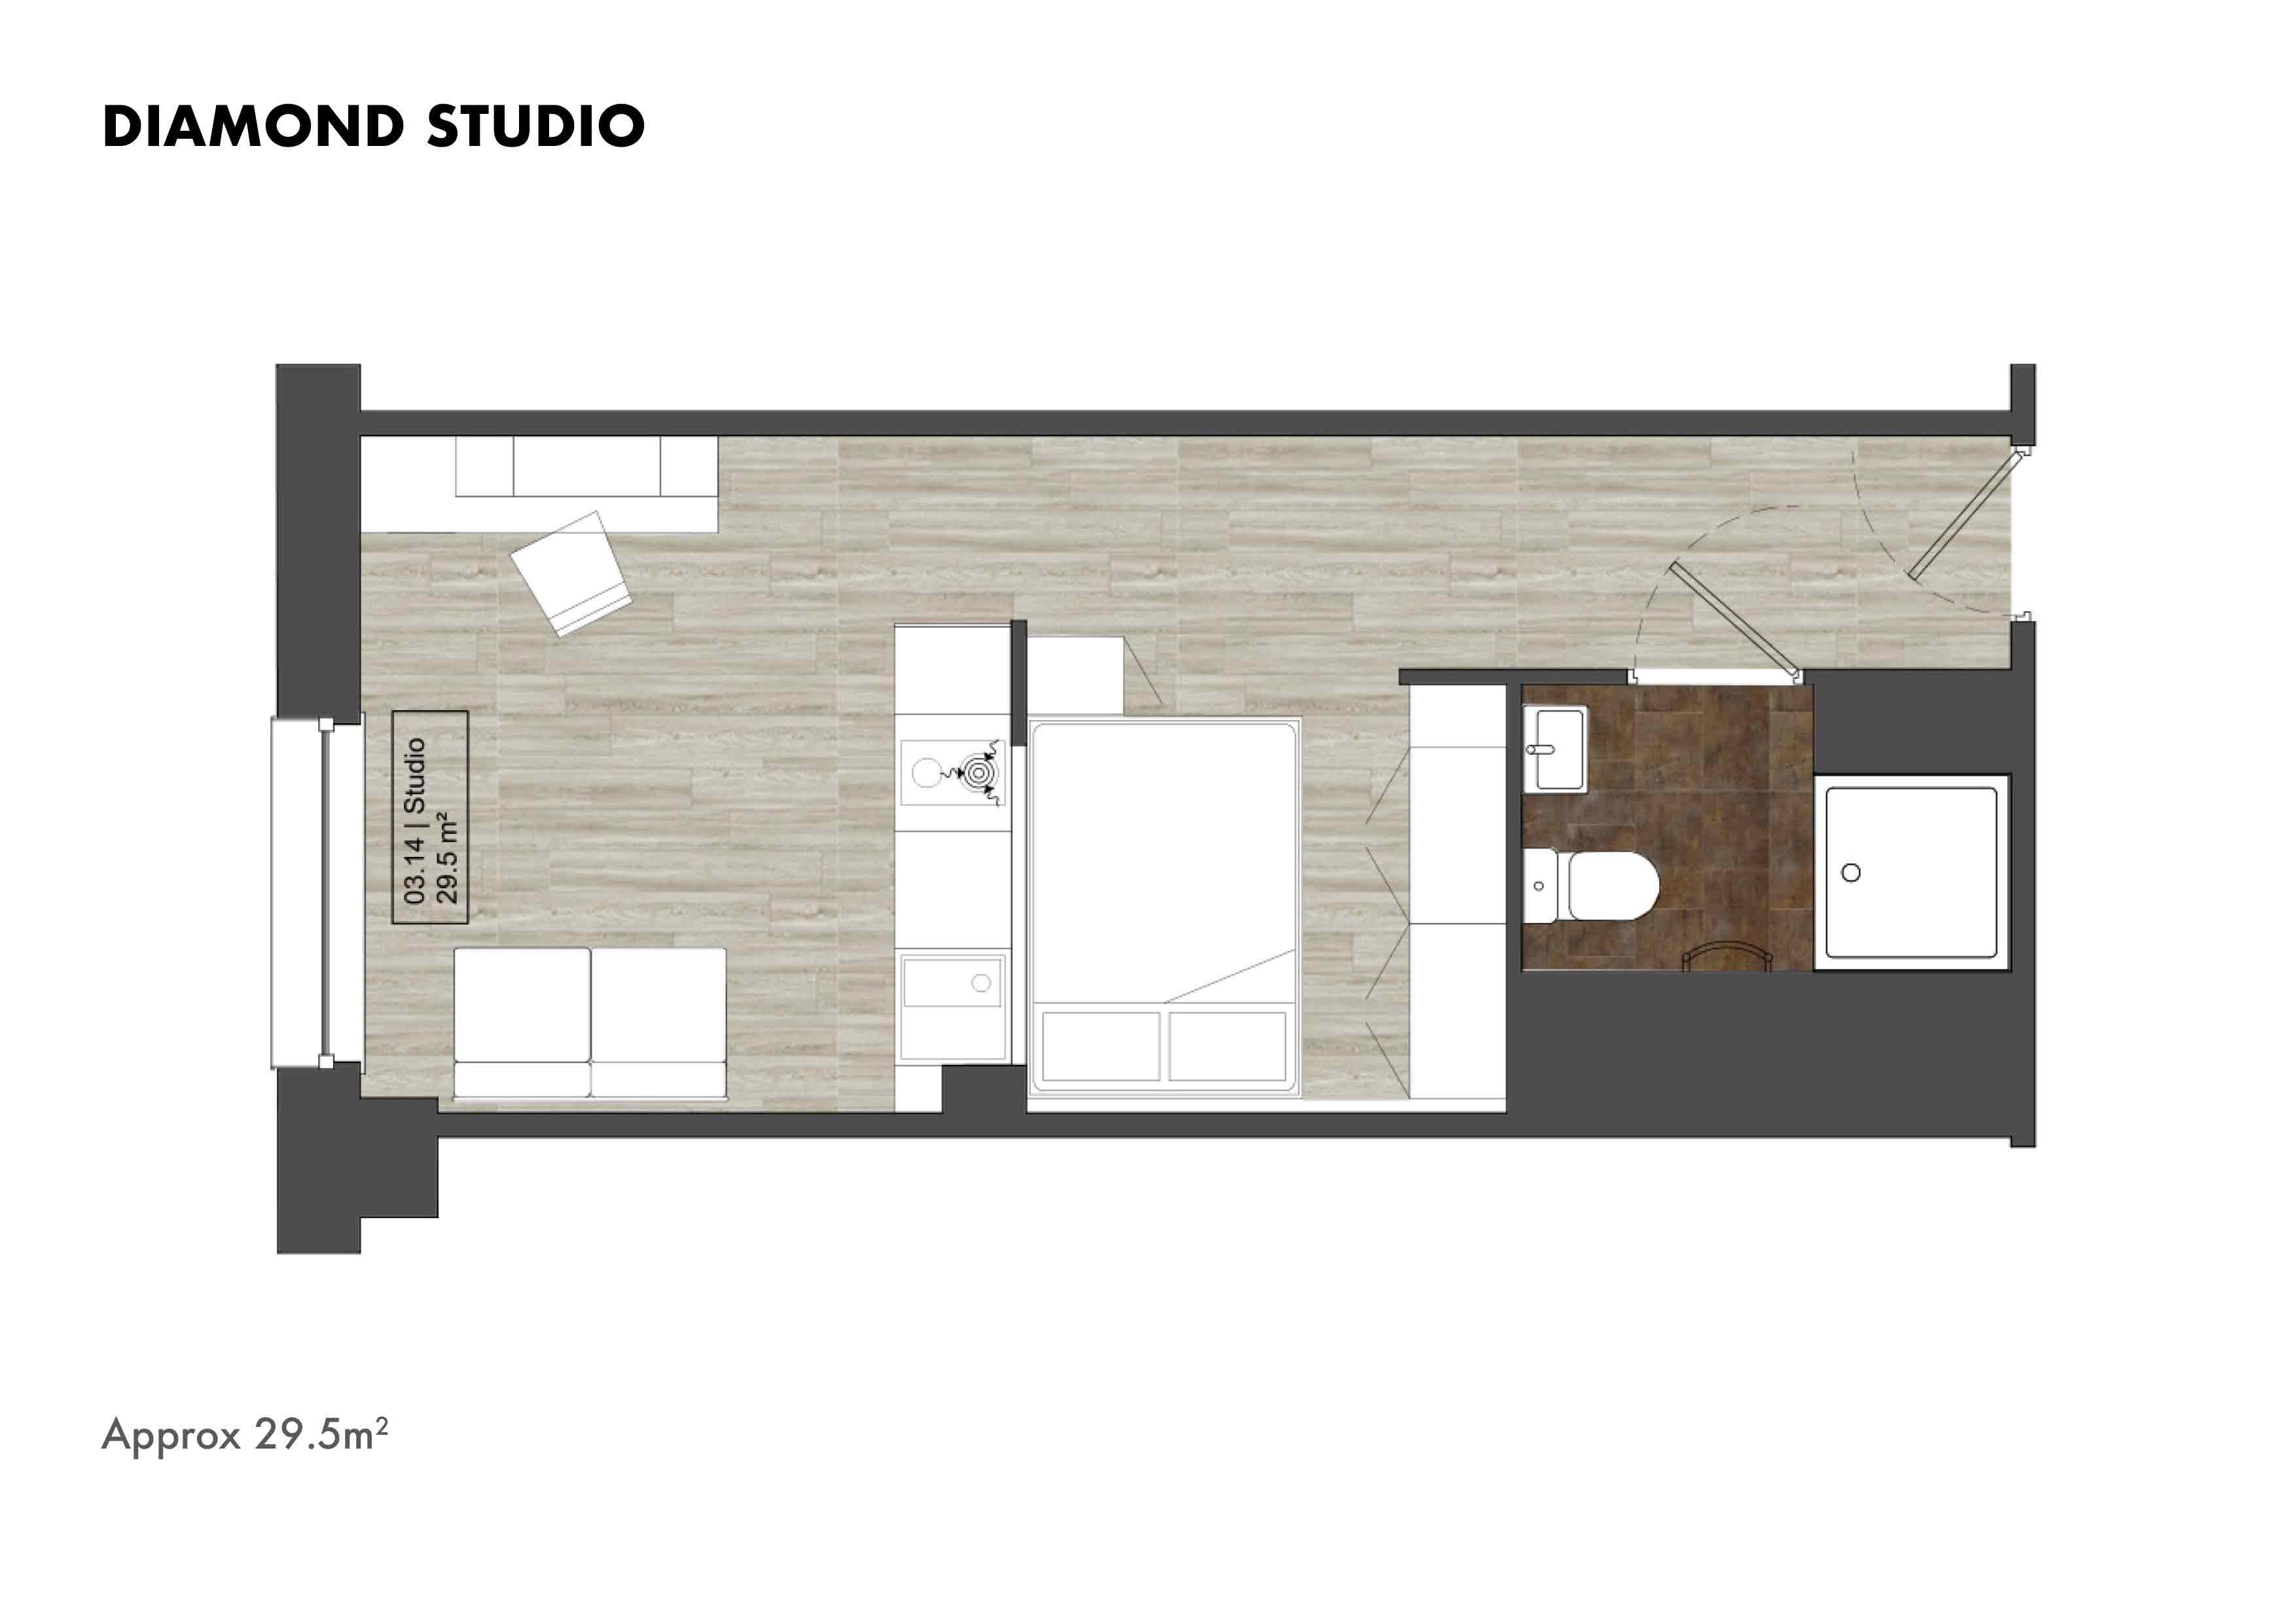 Diamond Studio floorplans